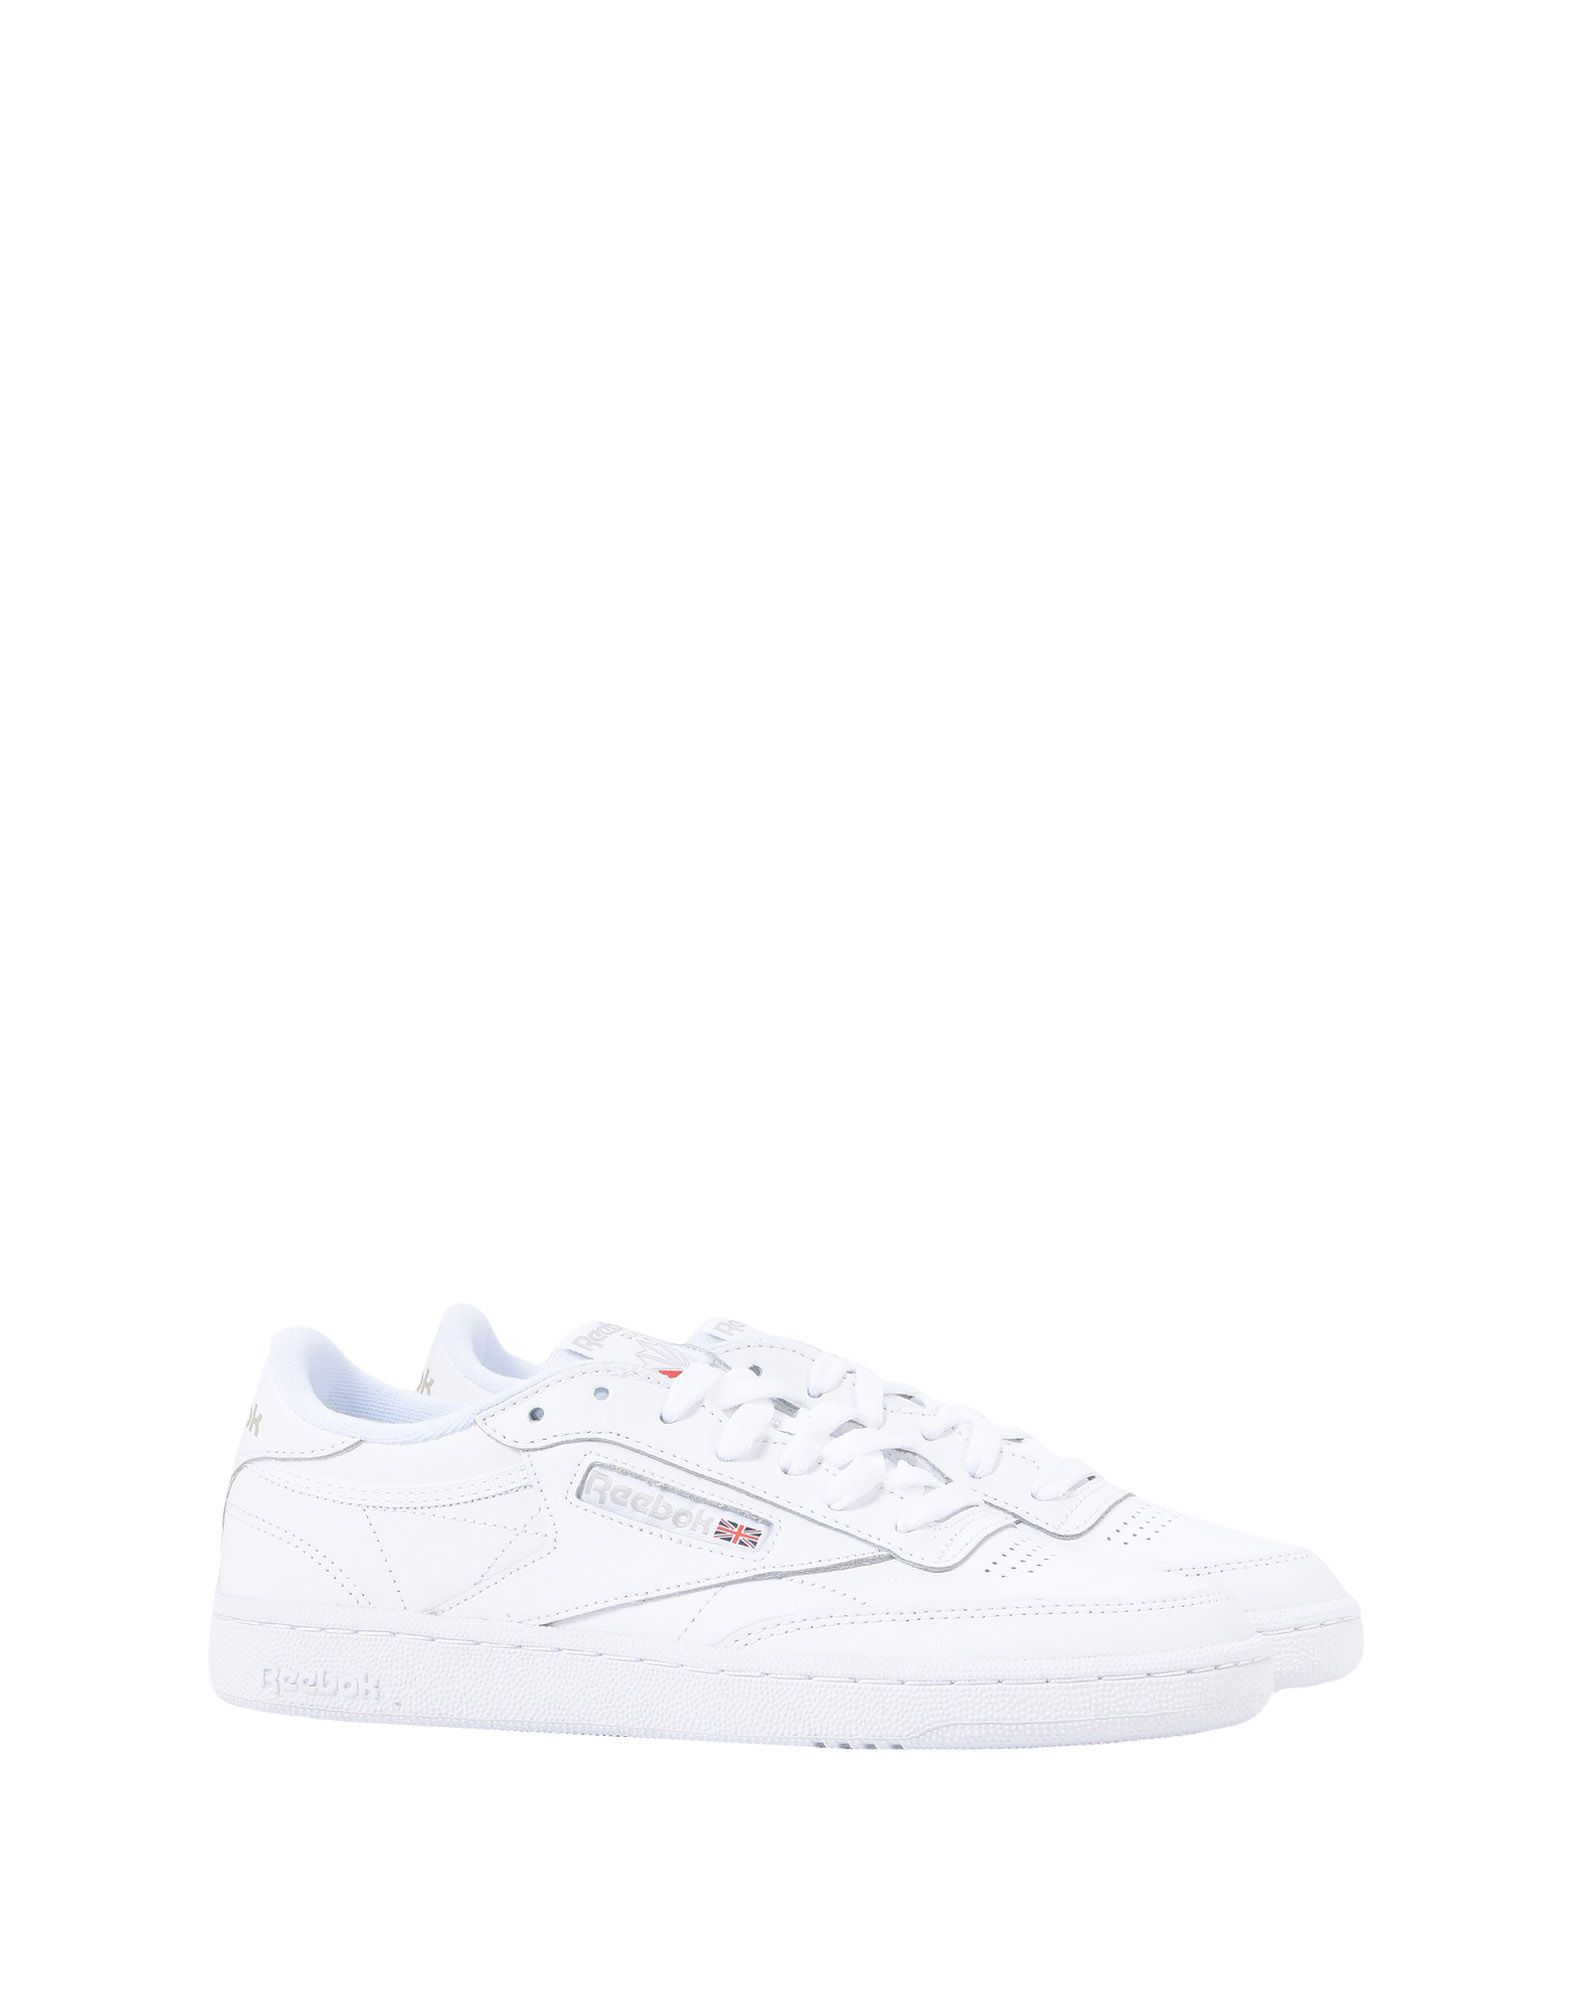 Sneakers Reebok Club C 85 - Femme - Sneakers Reebok sur